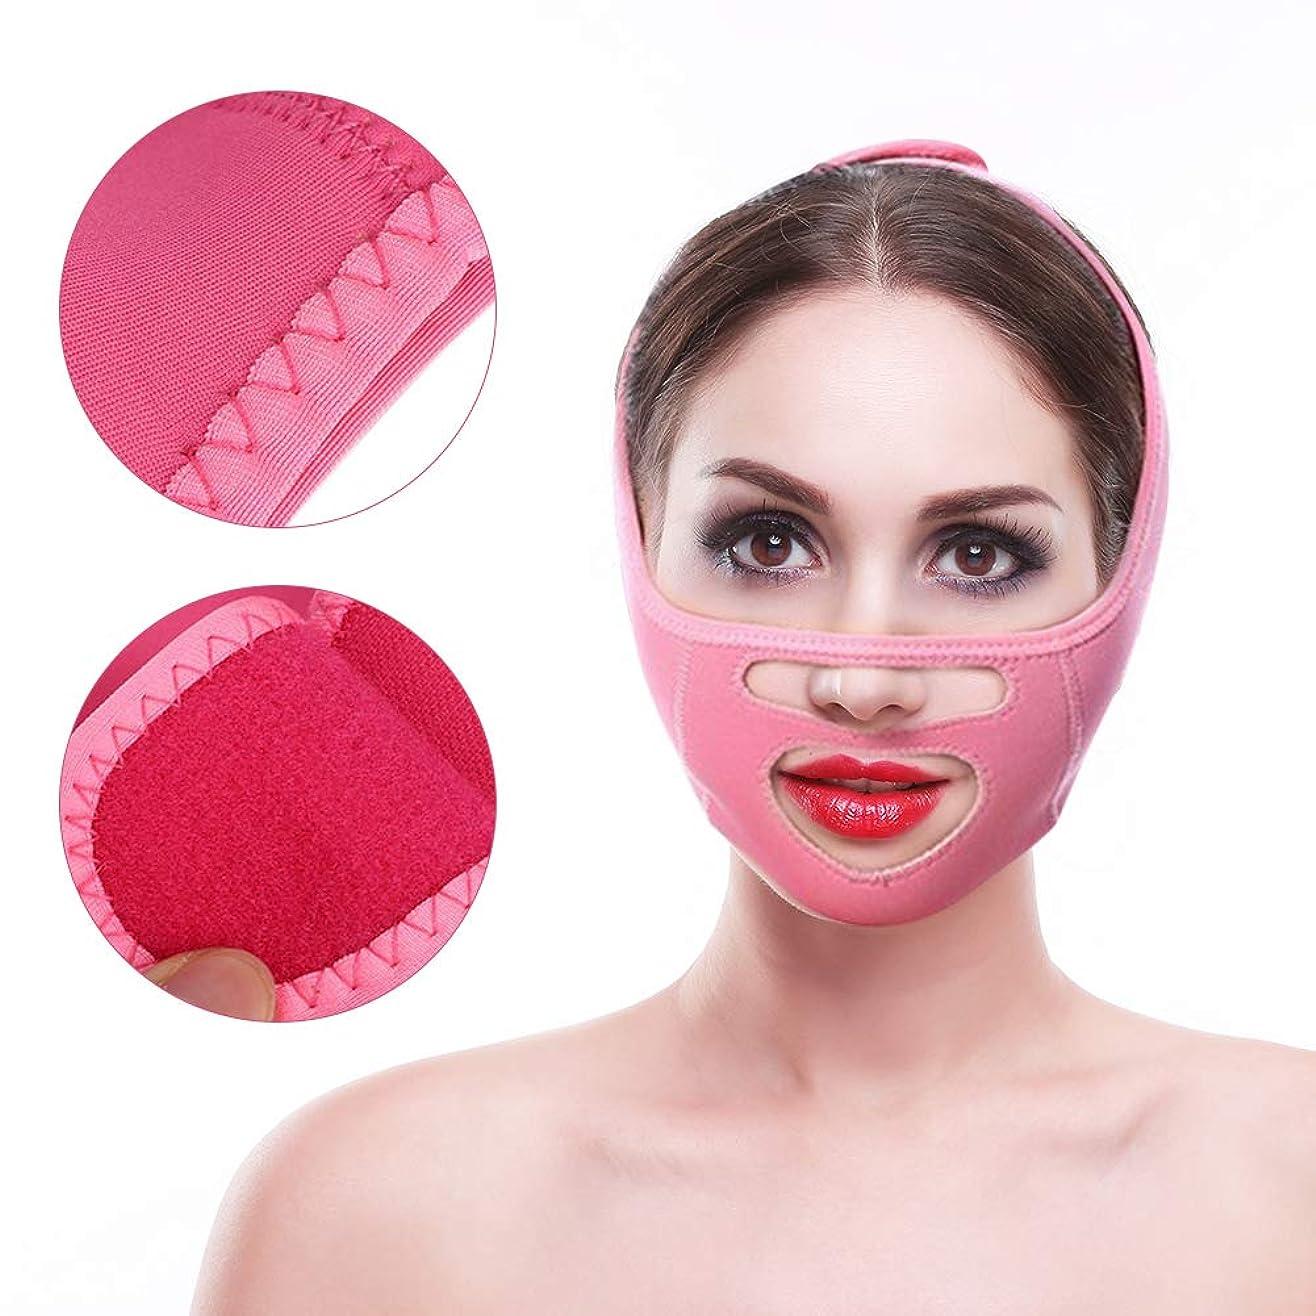 分数読書をする販売計画顔の持ち上がる整形ベルト、効果的に顔の形を改善し、顔と首の二重あごに肌を引き締め包帯を減らす